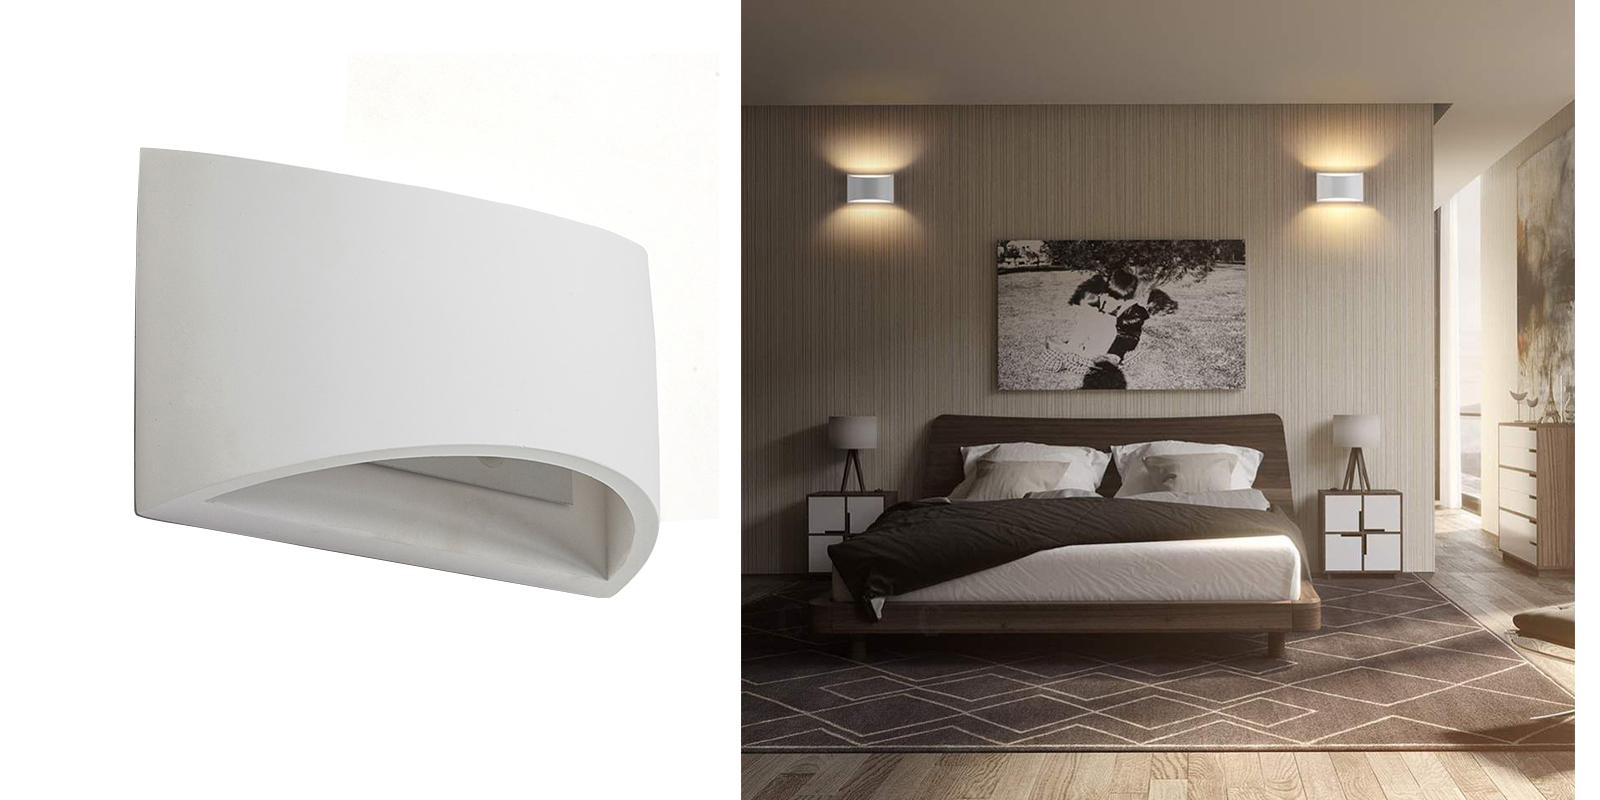 Applique Lampada Interno Rettangolare Gesso Bianco Moderno Luce Dr Gs 5022